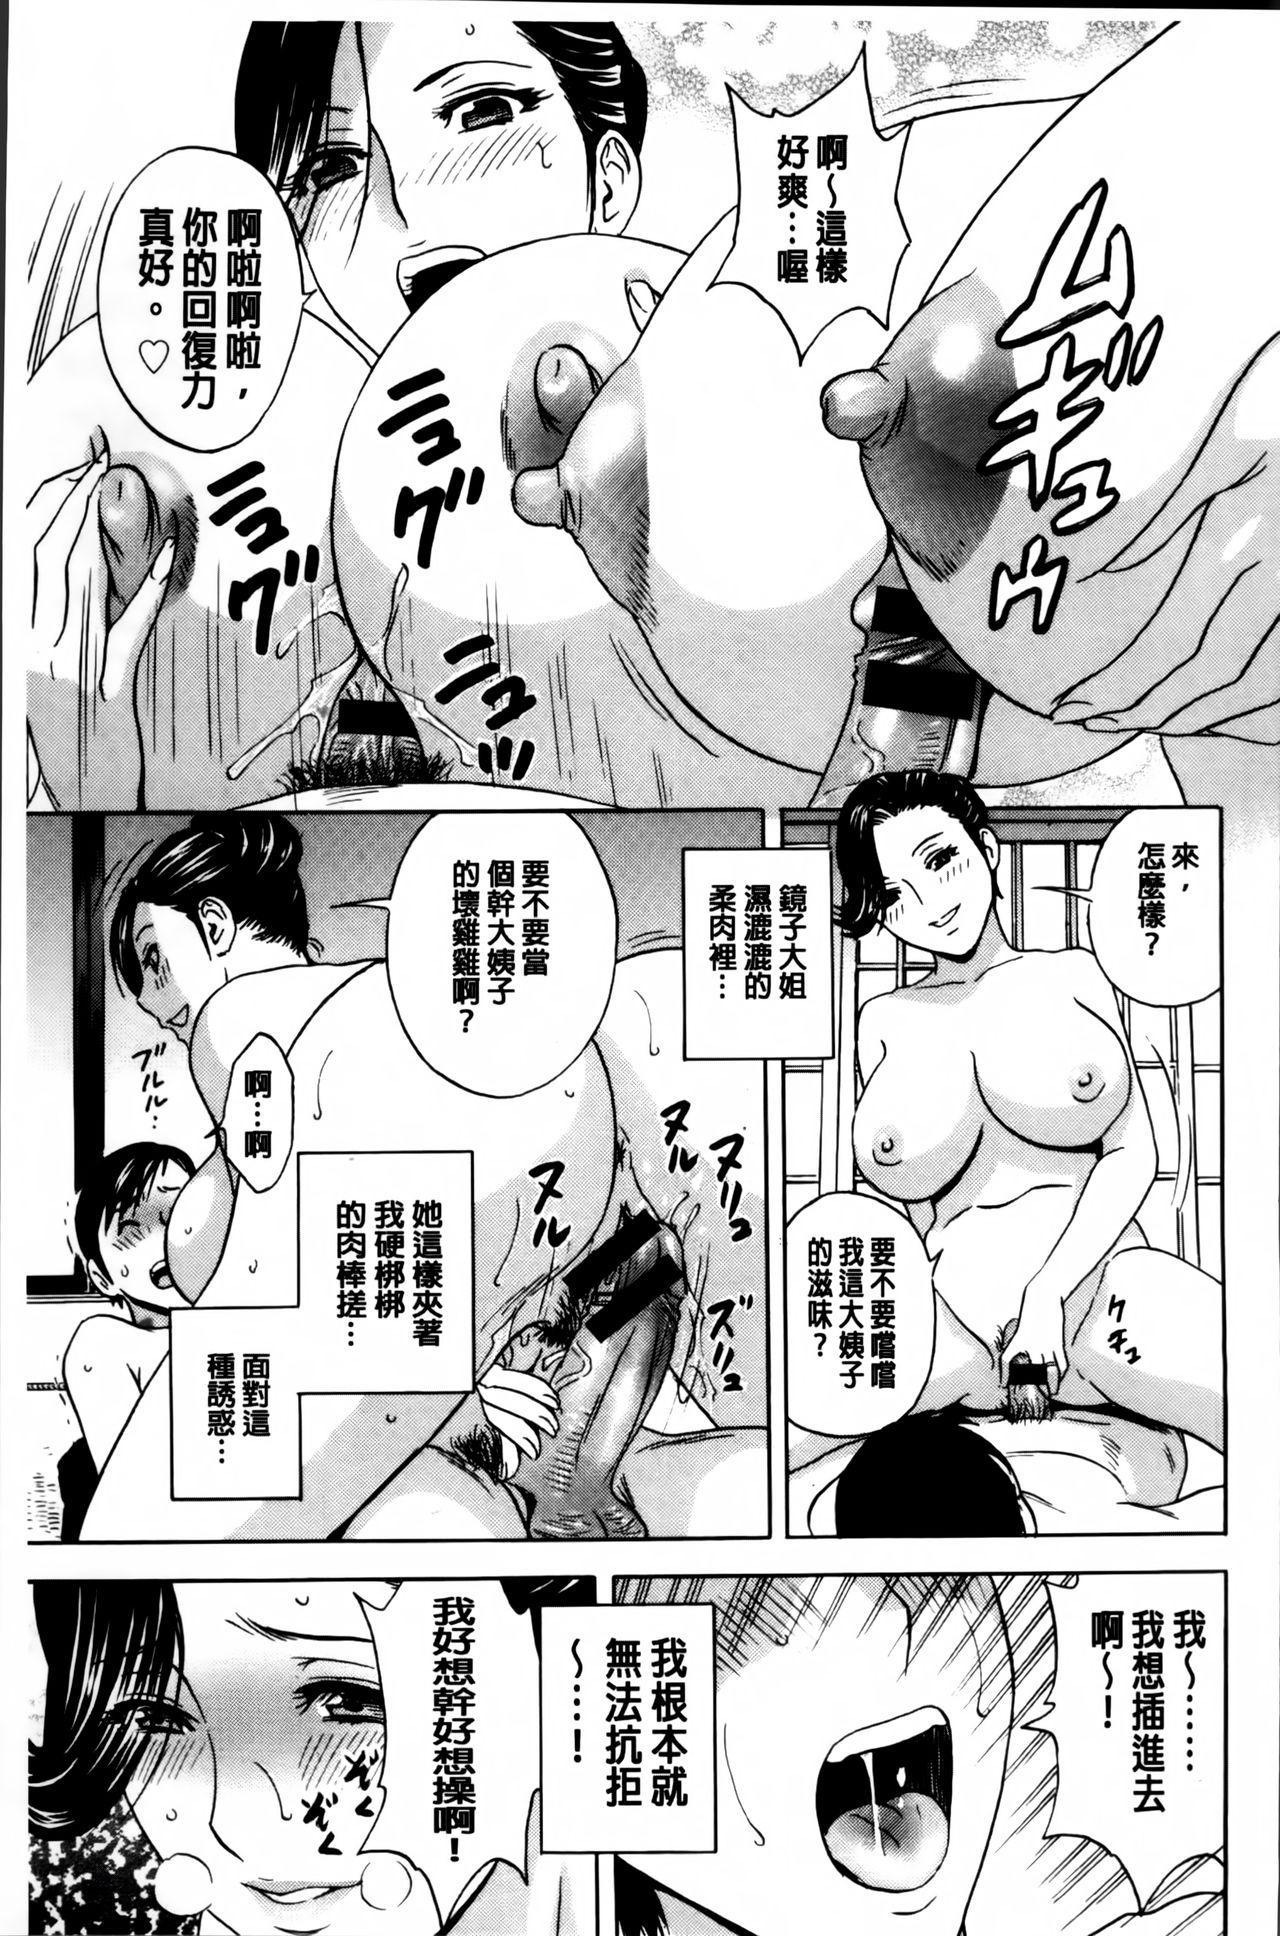 Midara Shimai Asobi 23